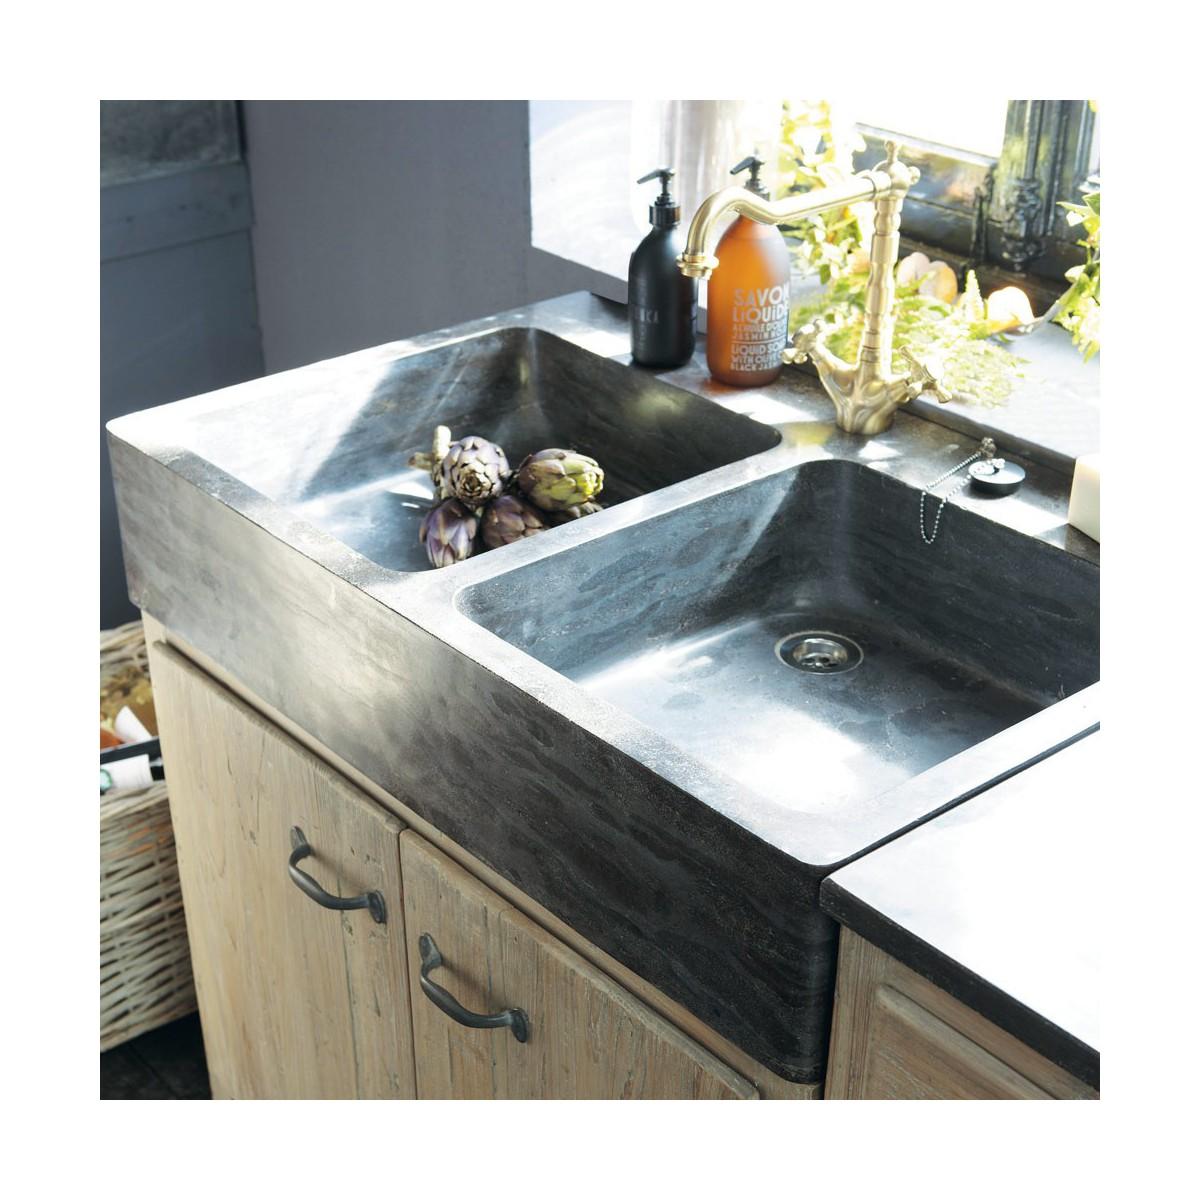 meuble bas de cuisine avec évier en bois recyclé l 90 cm - Meuble Cuisine 90 Cm